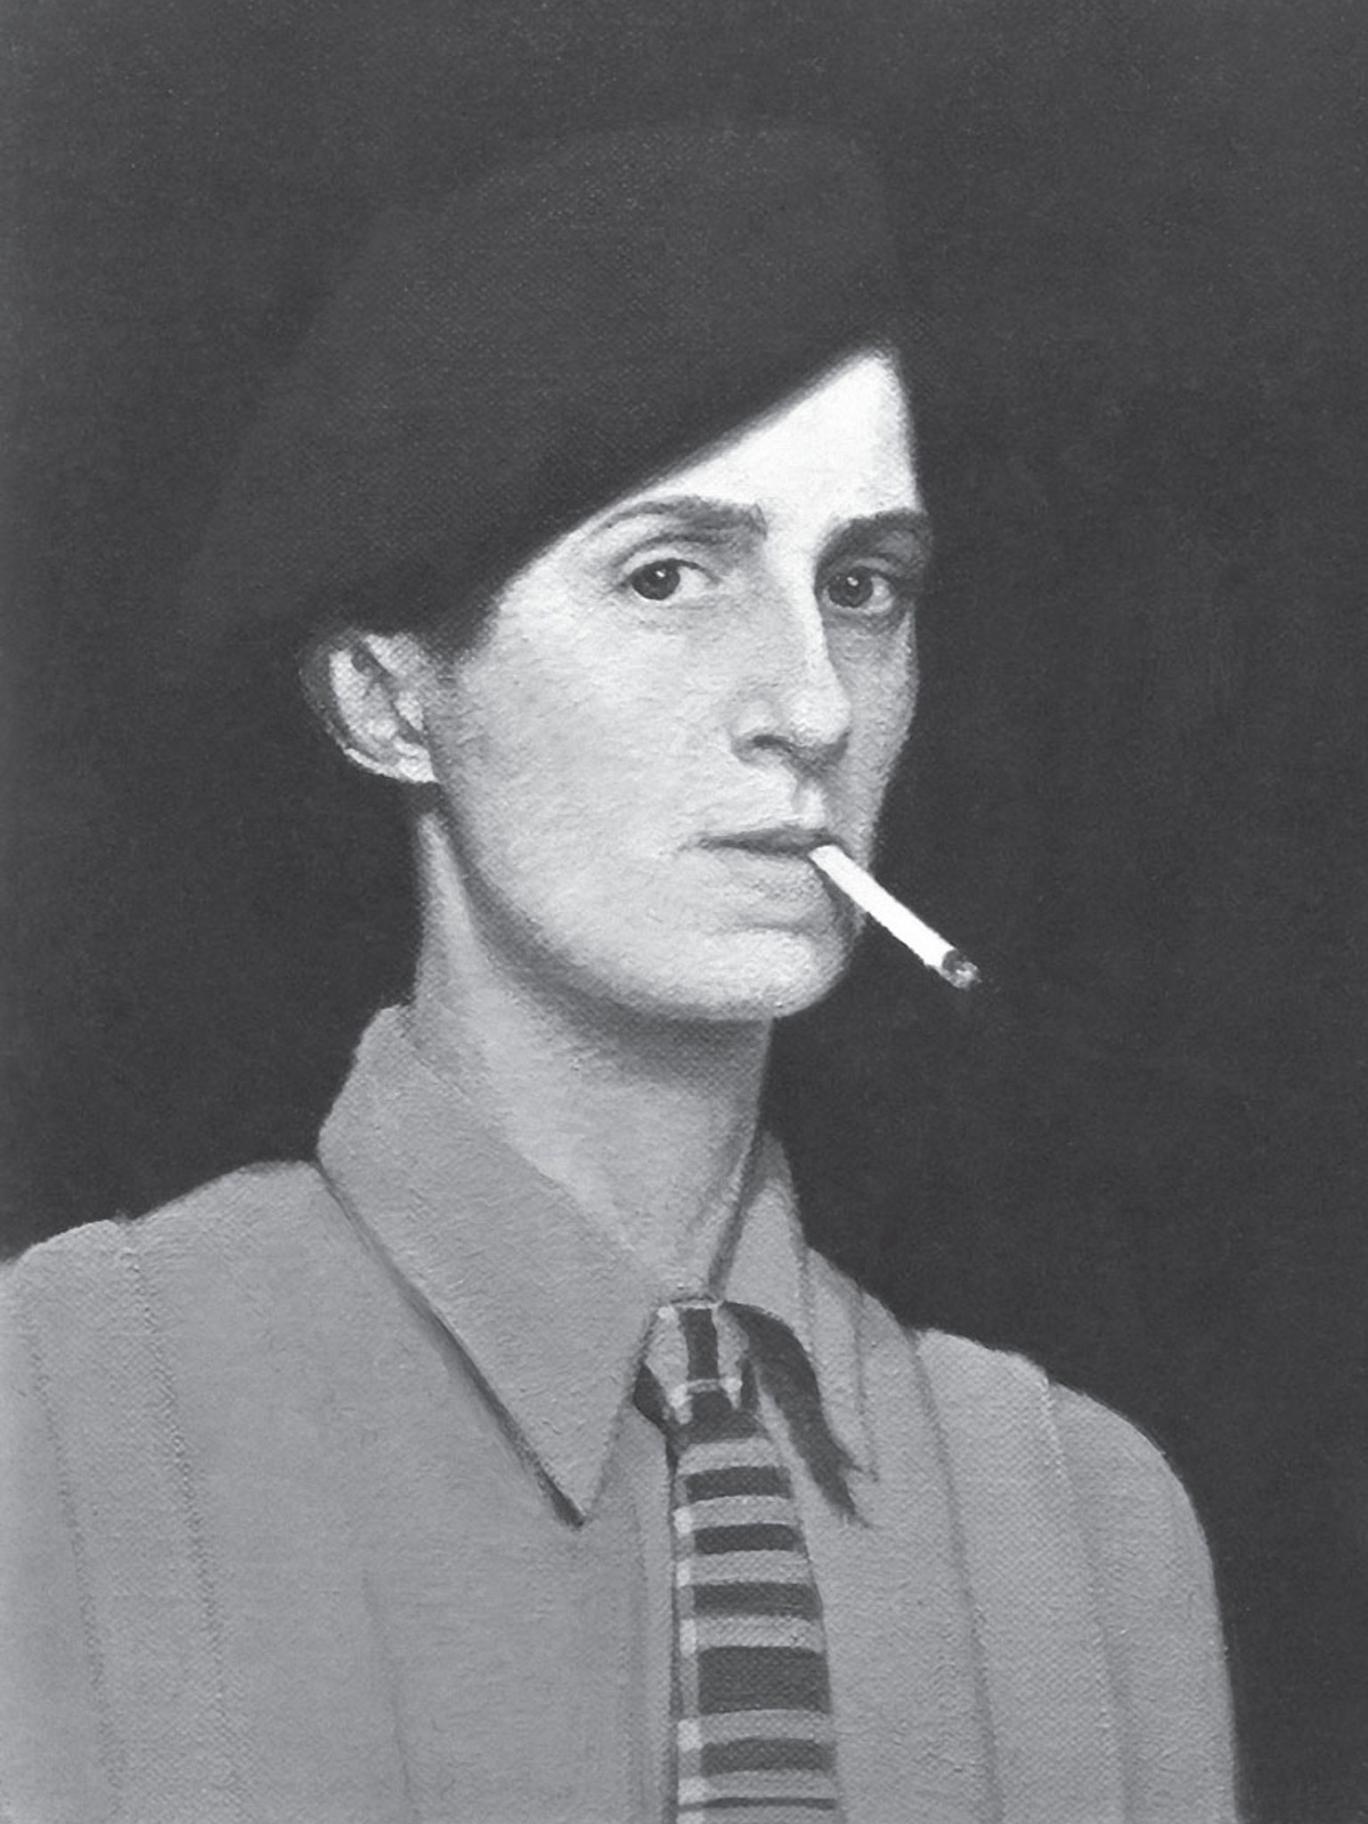 A self-portrait of Hannah 'Gluck' Gluckstein (1895-1978)